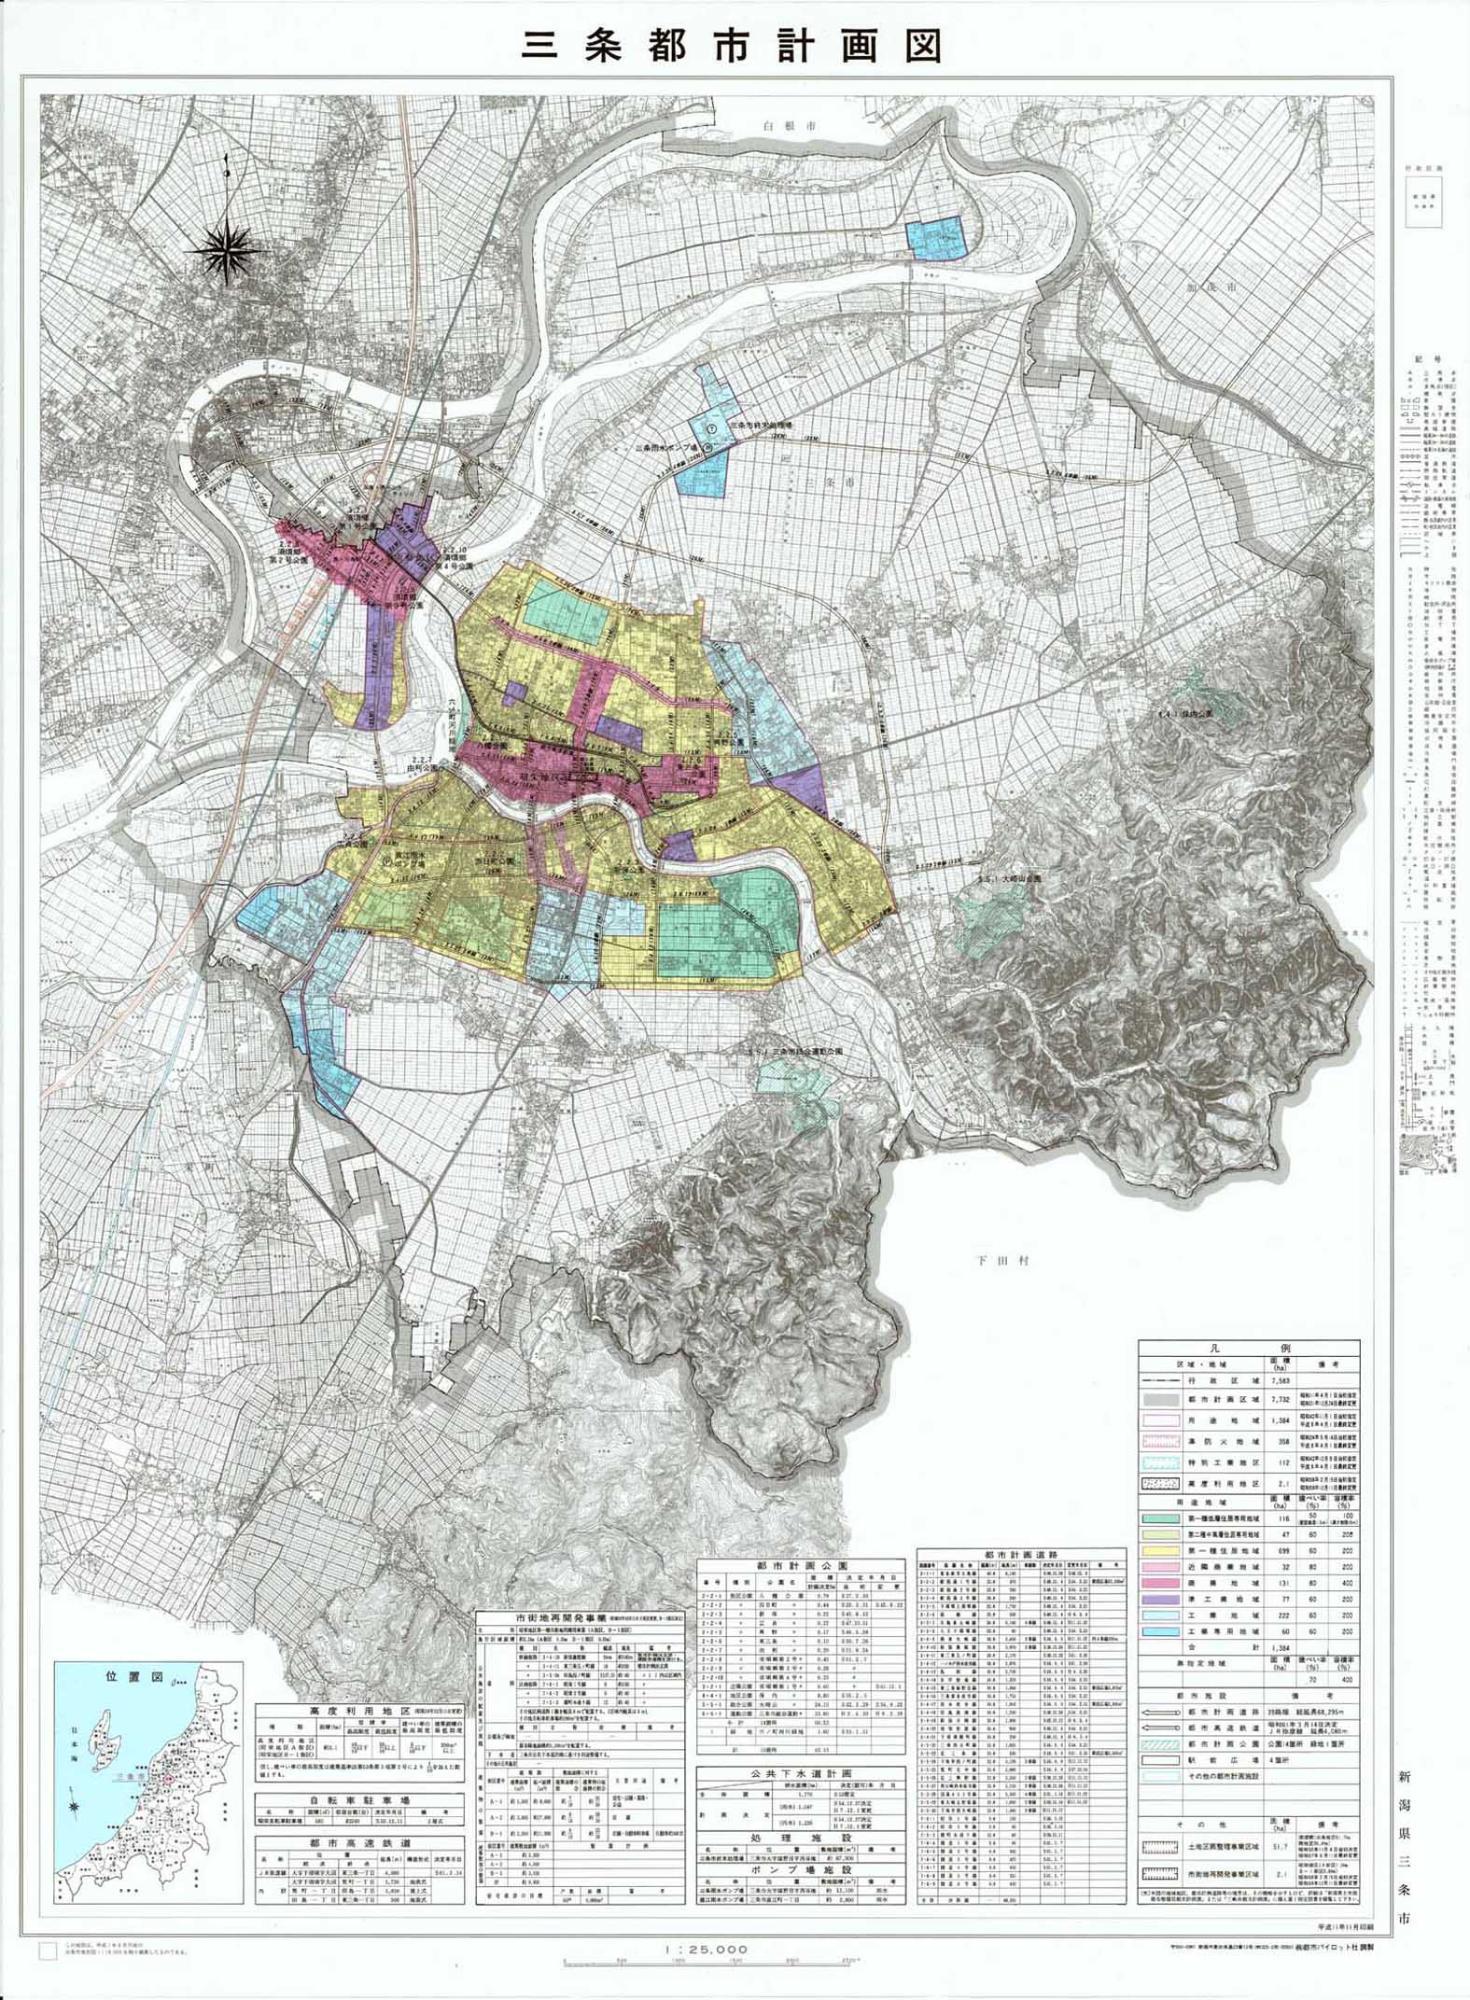 都市 計画 図 都市計画図:我孫子市公式ウェブサイト